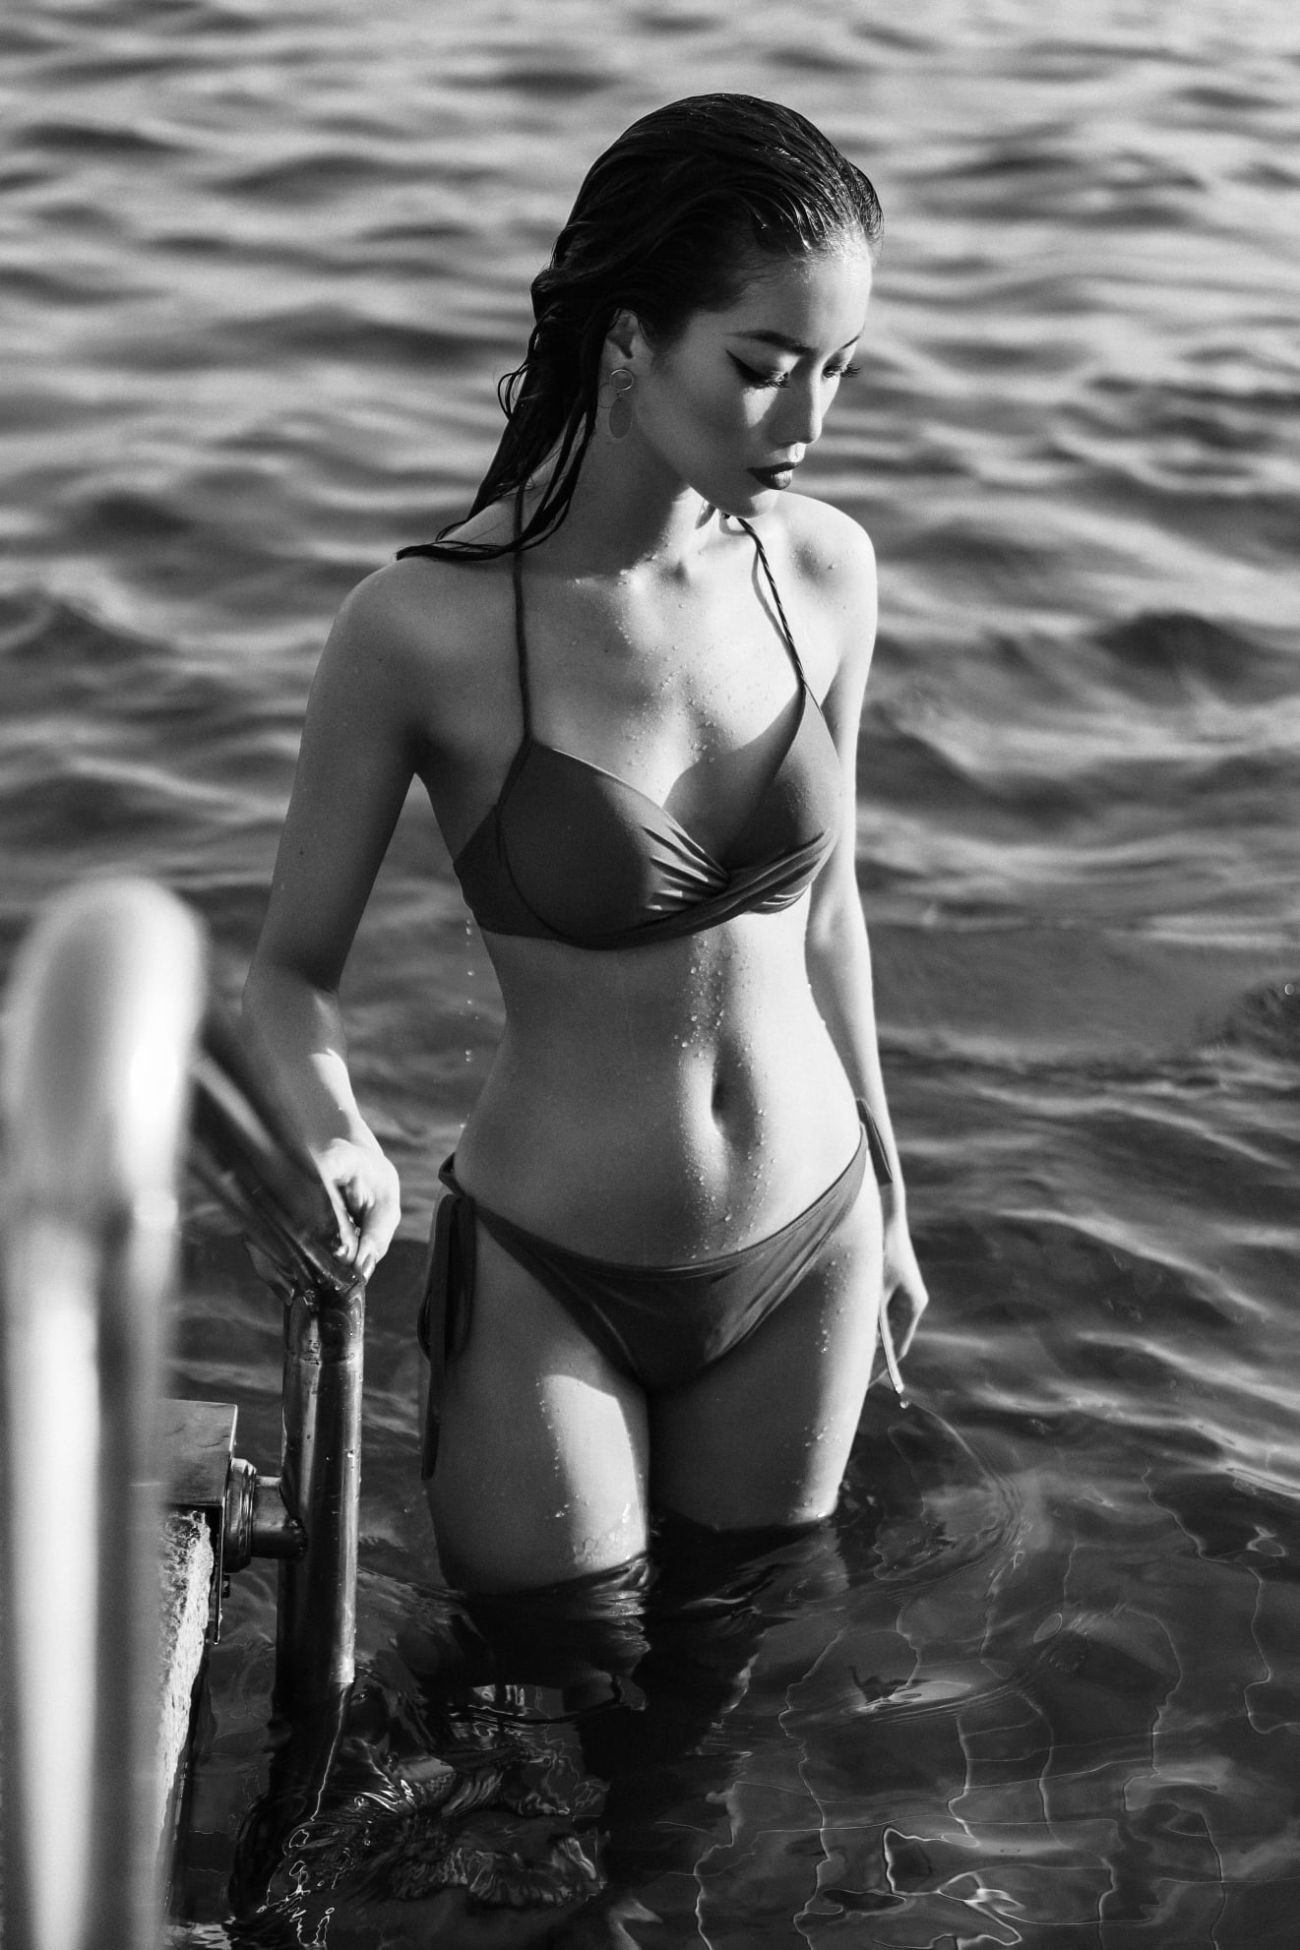 Người đẹp miền Tây của HHVN 2018 Lâm Bích Tuyền khoe dáng nóng bỏng với bikini ảnh 4